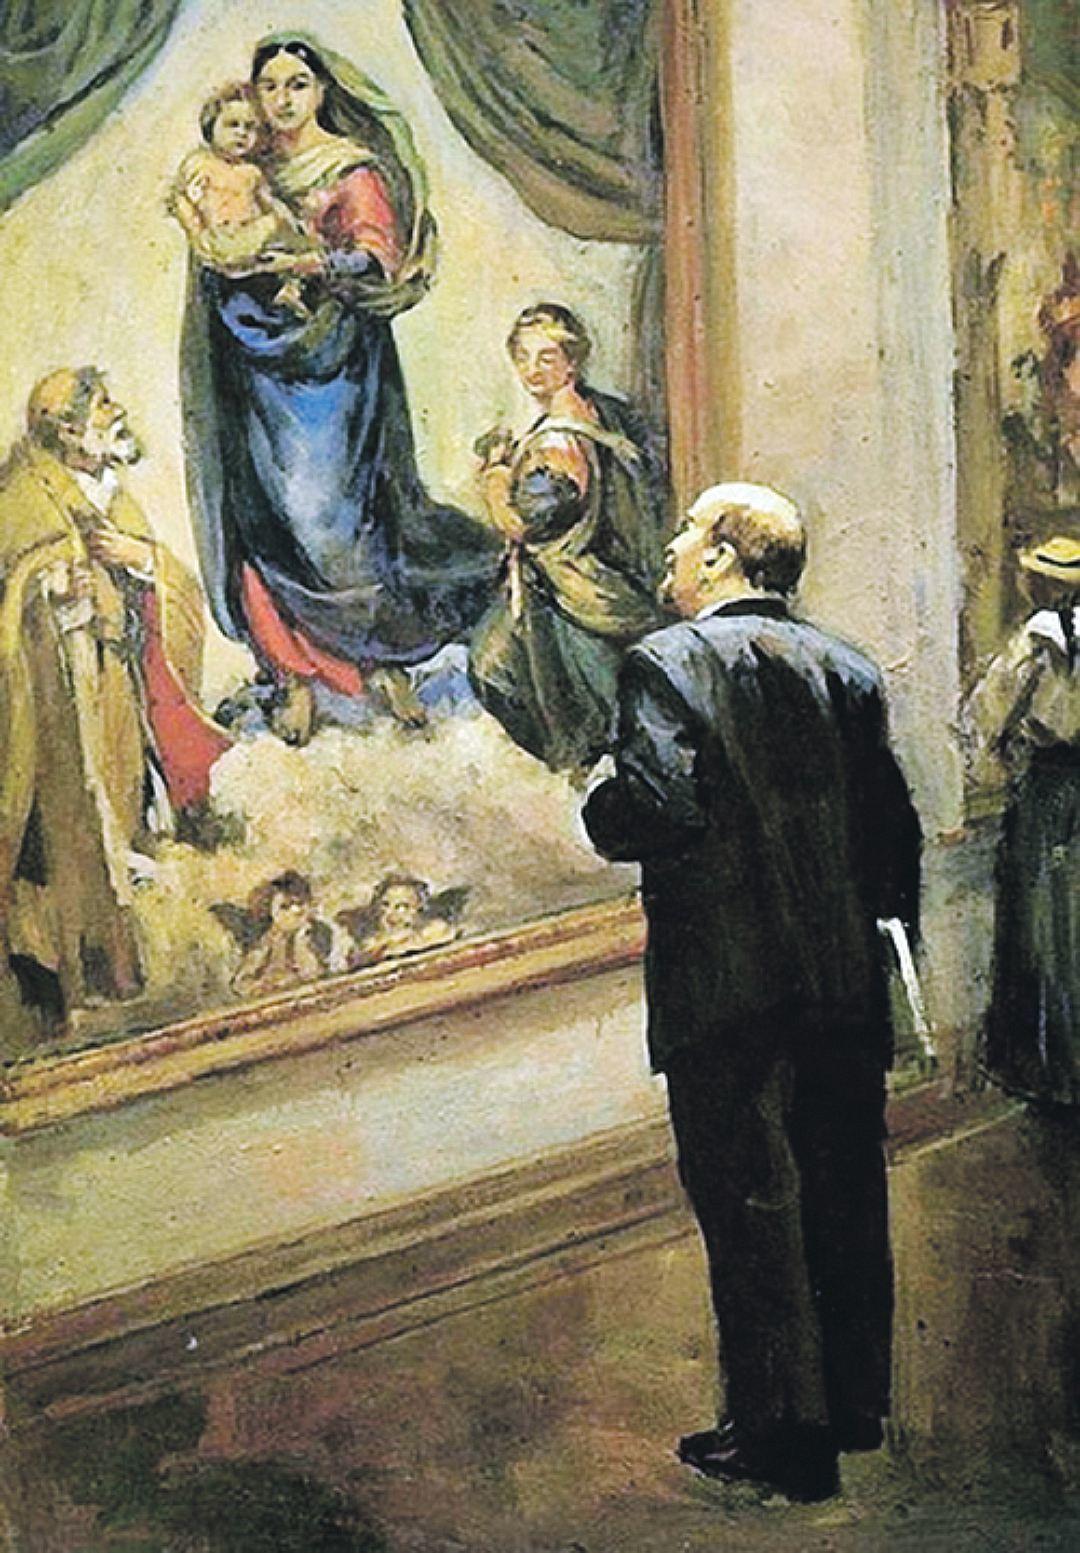 Налбандян Д.А. - В.И. Ленин в Дрезденской картинной галерее в 1914 году, 1962